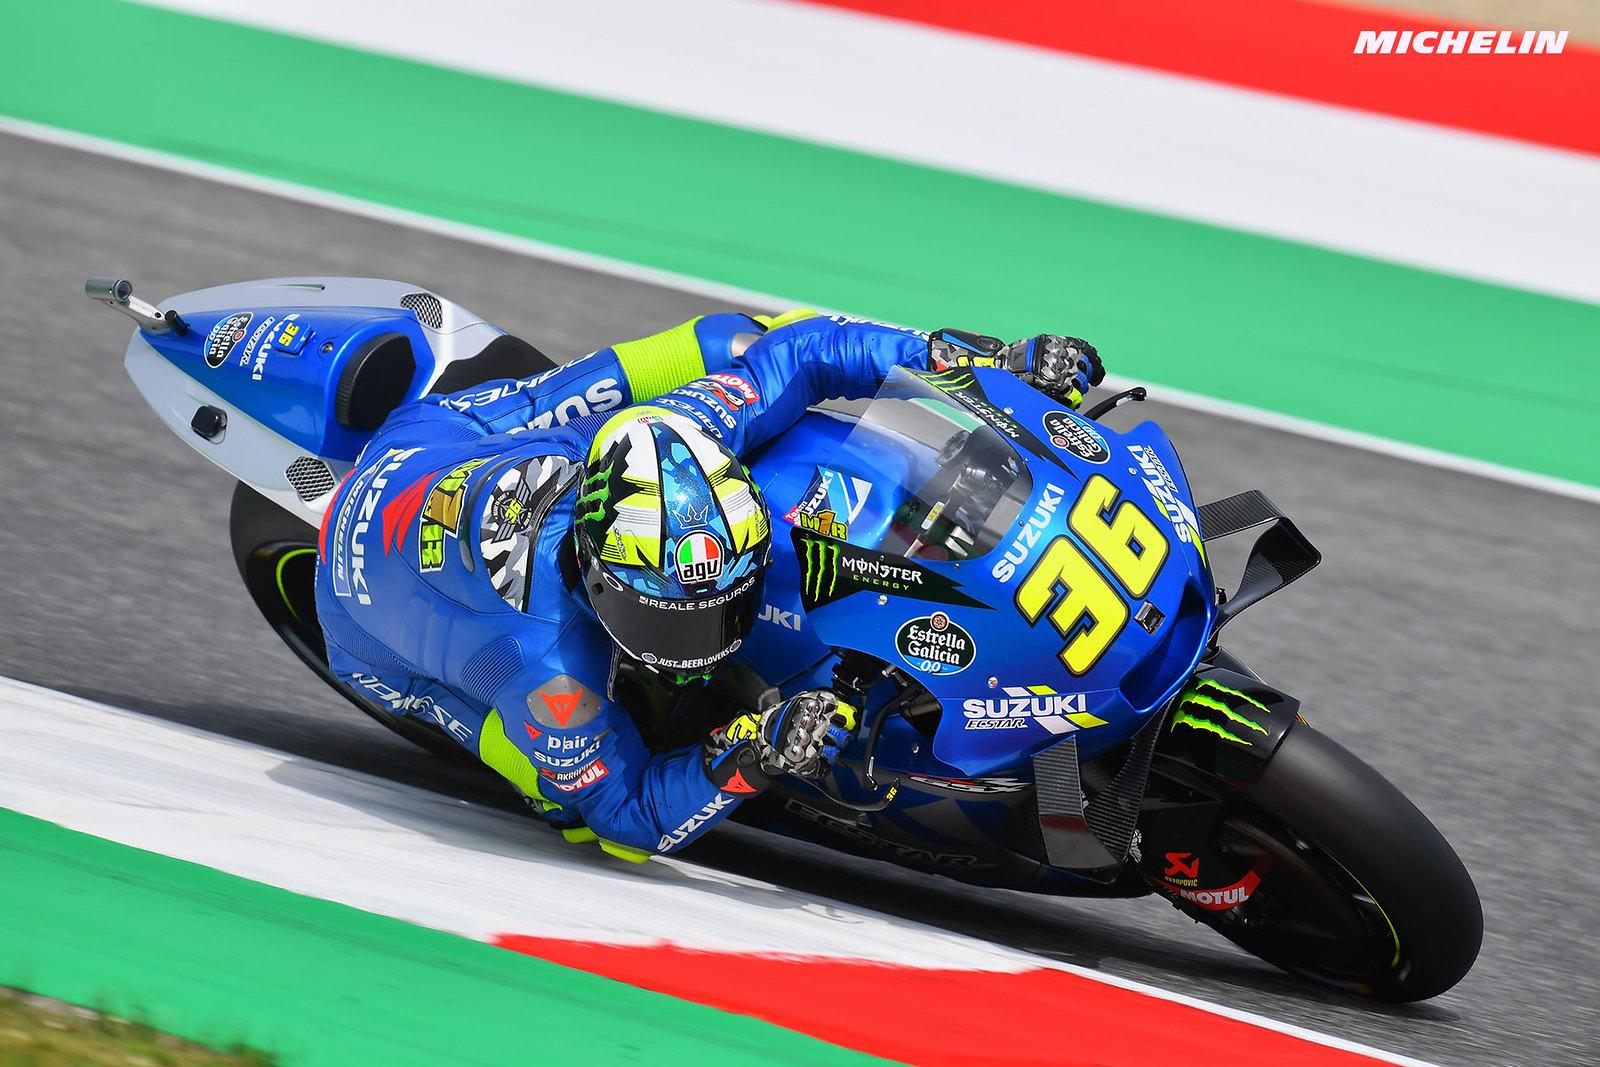 MotoGP2021イタリアGP 9位ジョアン・ミル「少しずつ予選結果は改善している」